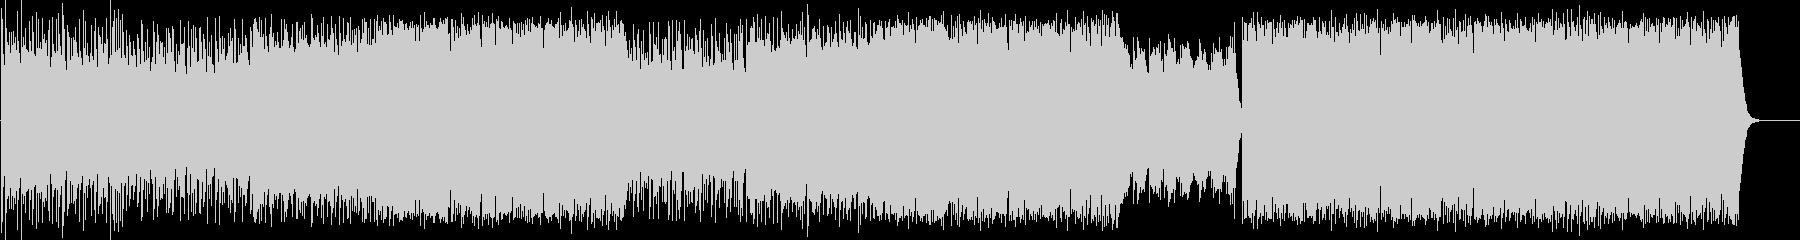 バイオリン/シンセ/808/ビート#2の未再生の波形